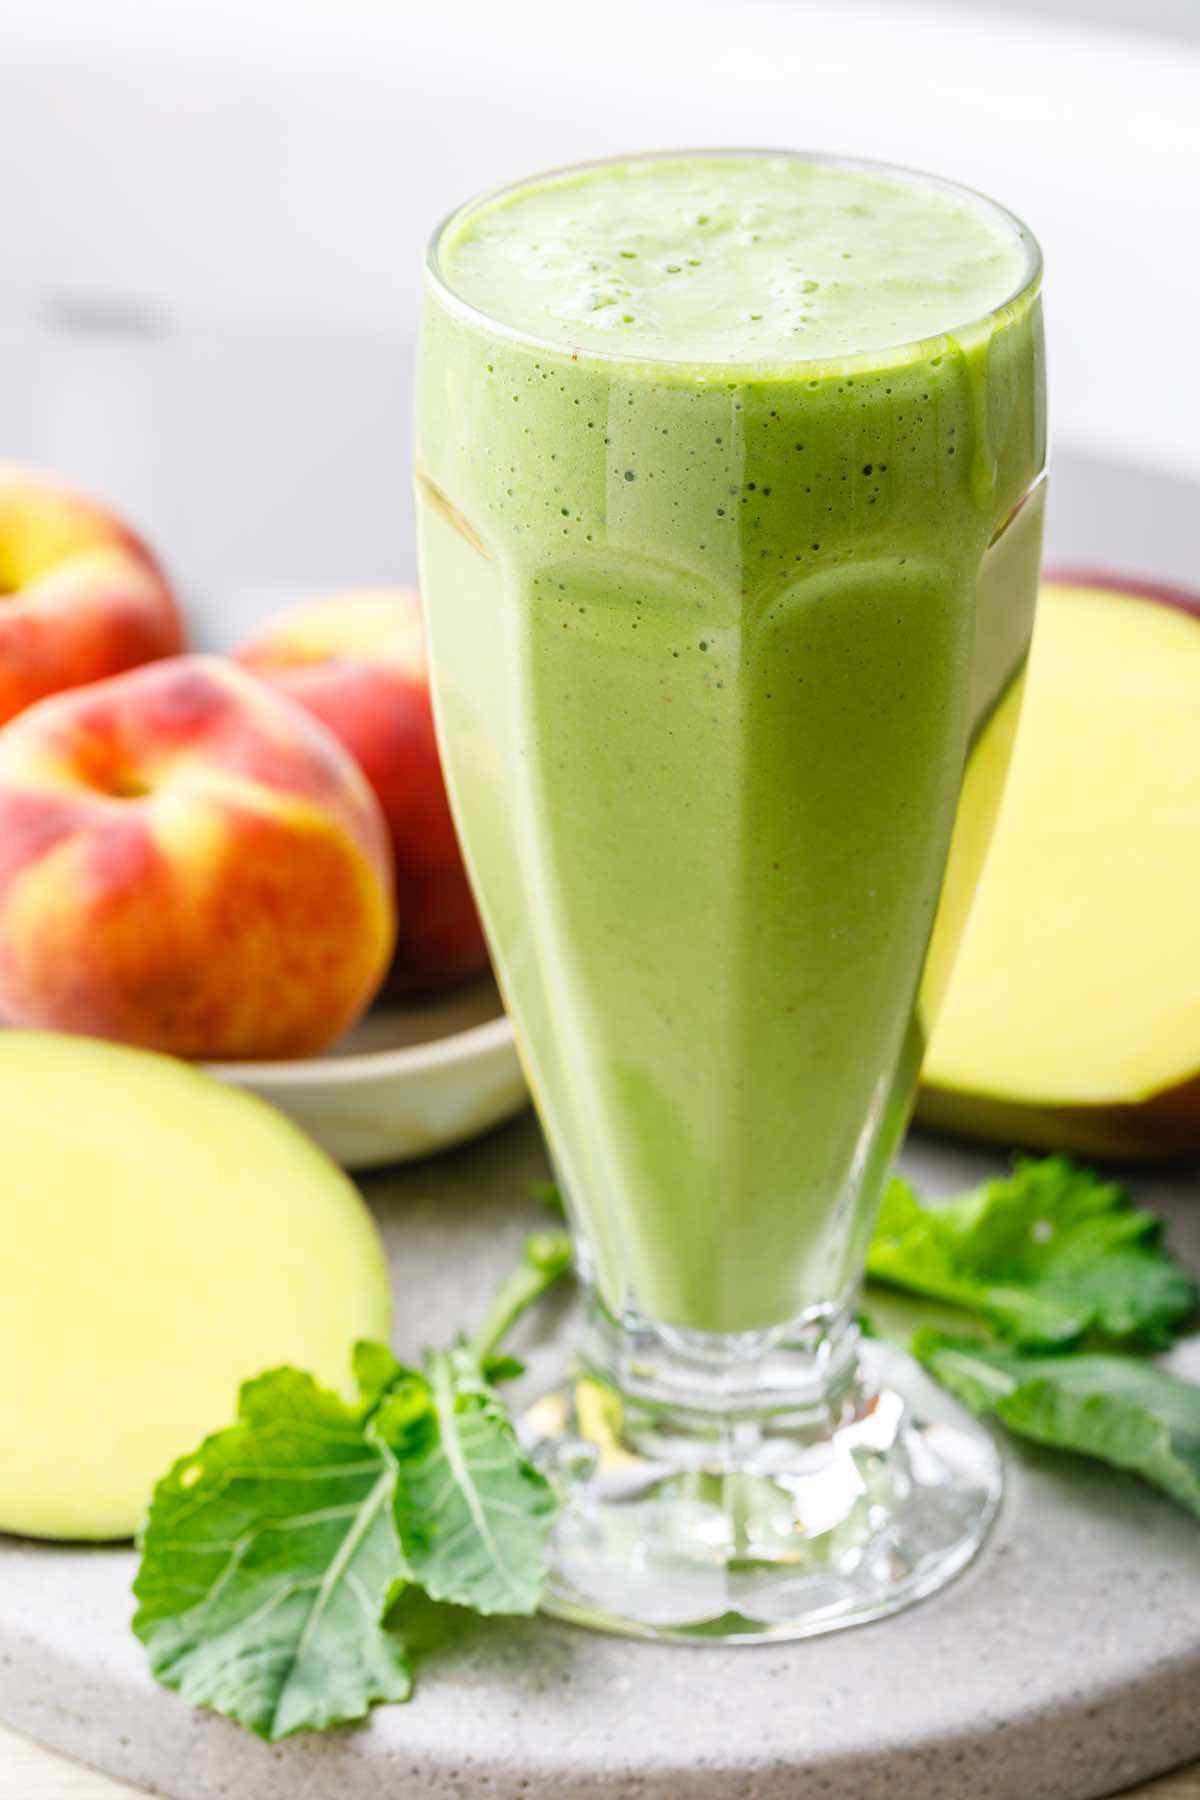 Peach Mango Kale Green Smoothie